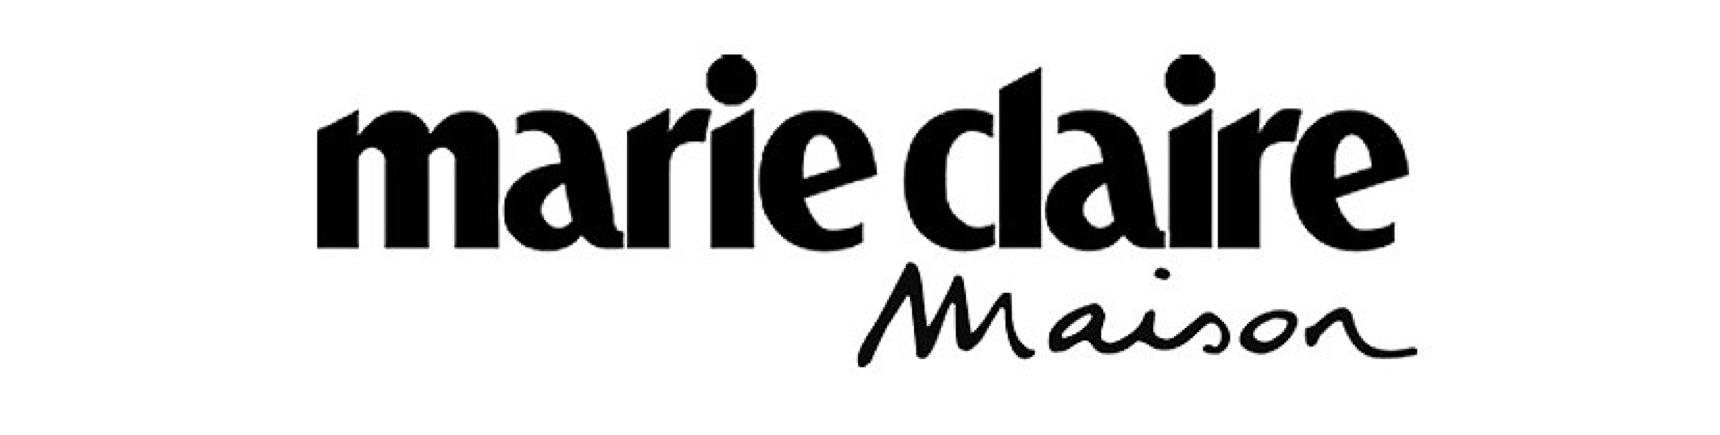 logo-marie-claire-maison-magazine.png